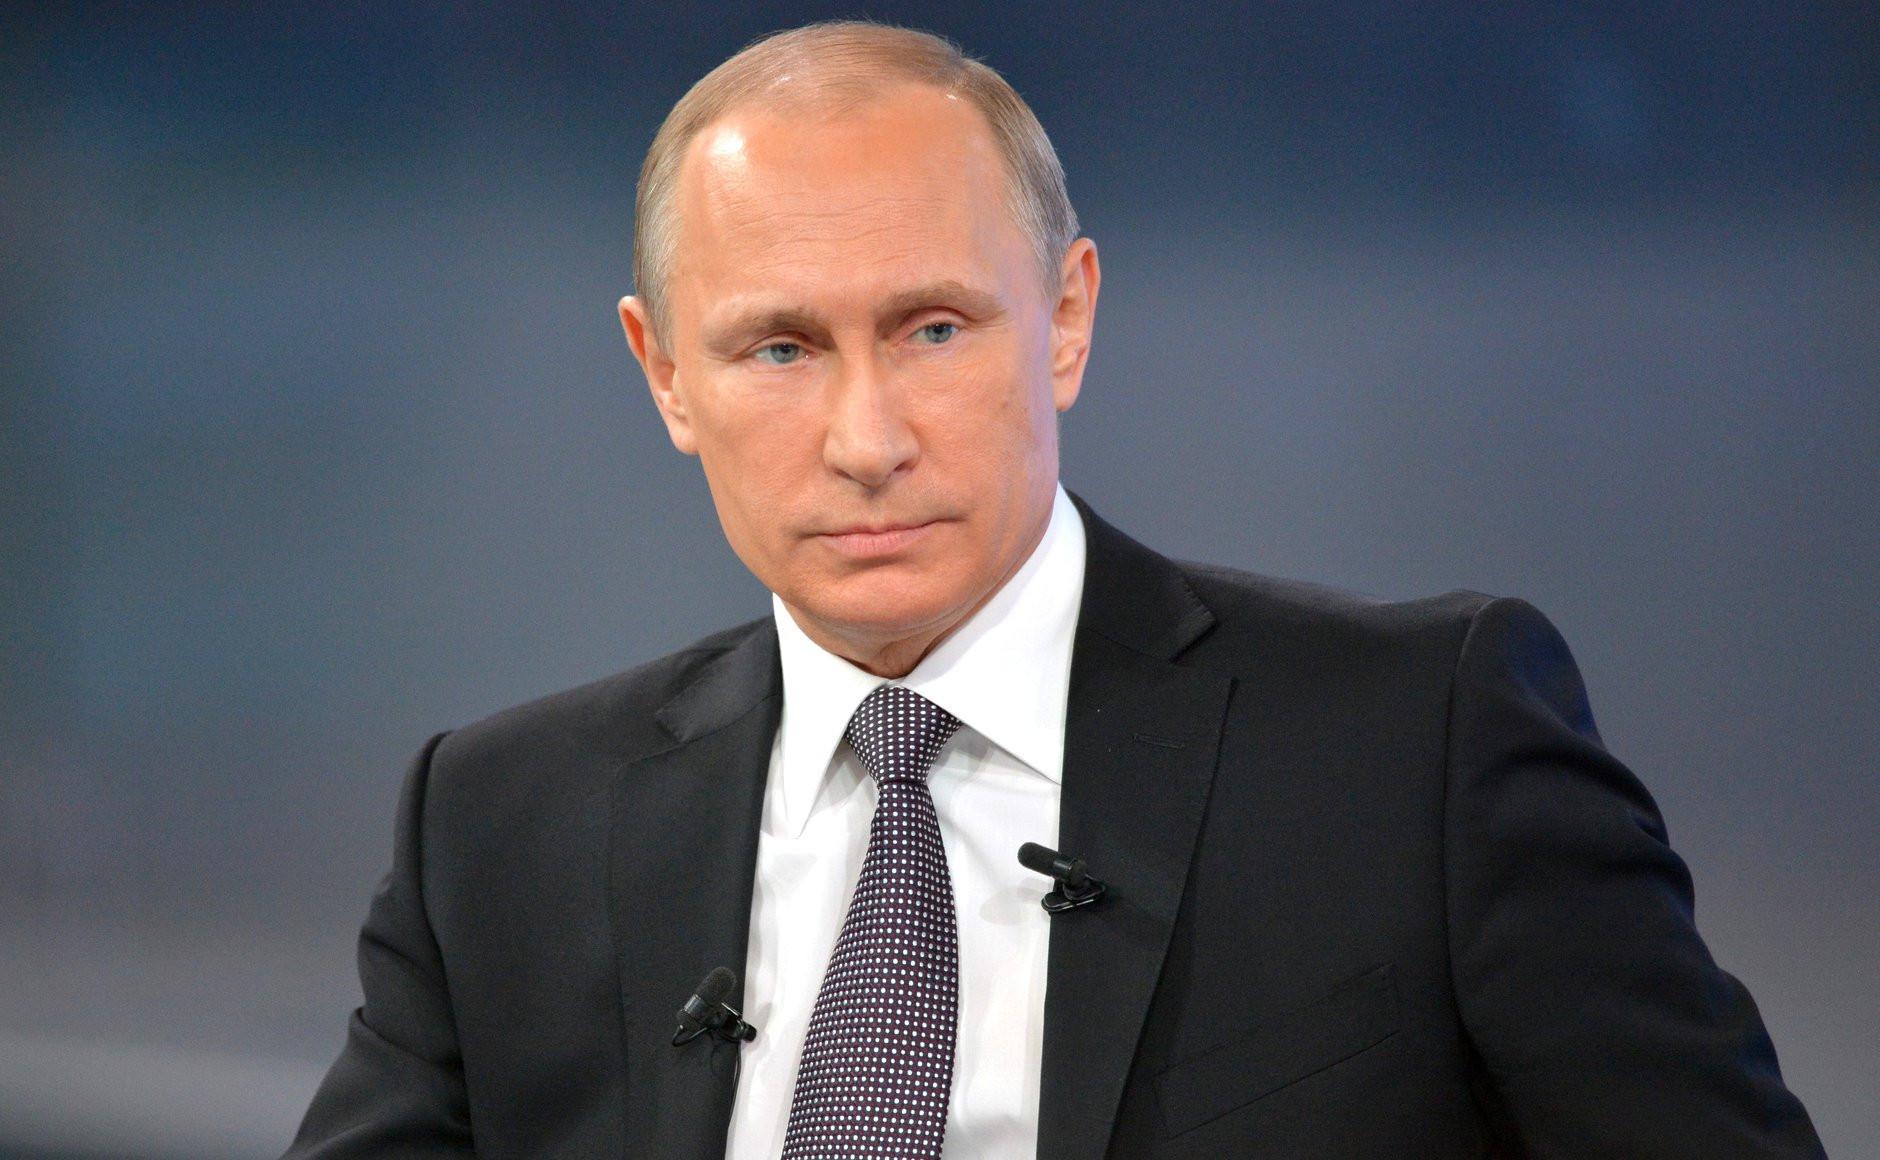 Эксперты разбираются, чего боится Путин и что ему угрожает на самом деле